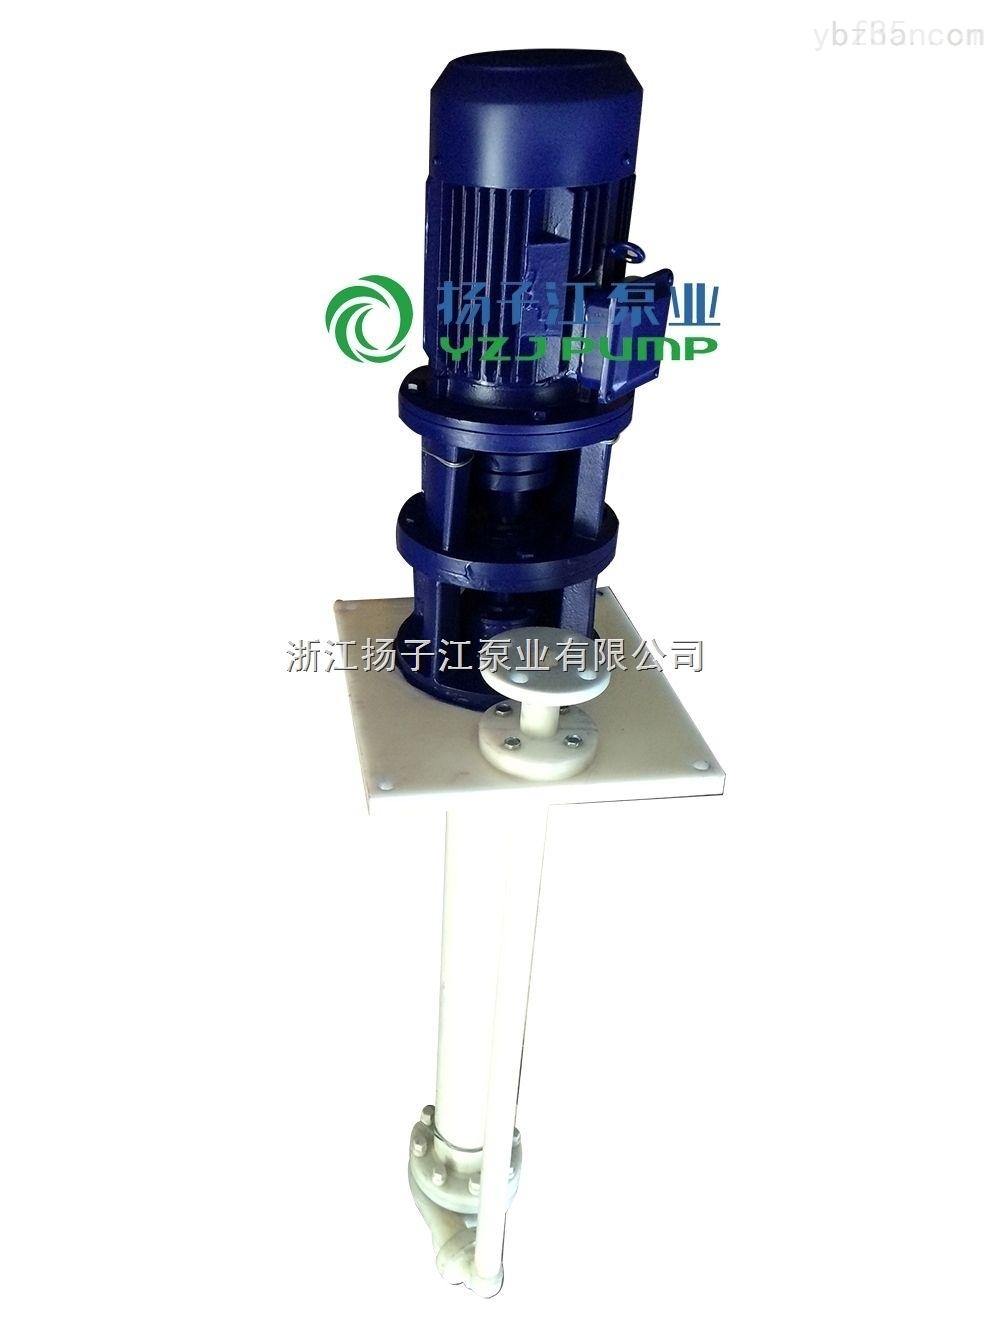 50口废气塔排污泵 耐酸碱工程塑料立式液下泵 电镀专用化工立式泵